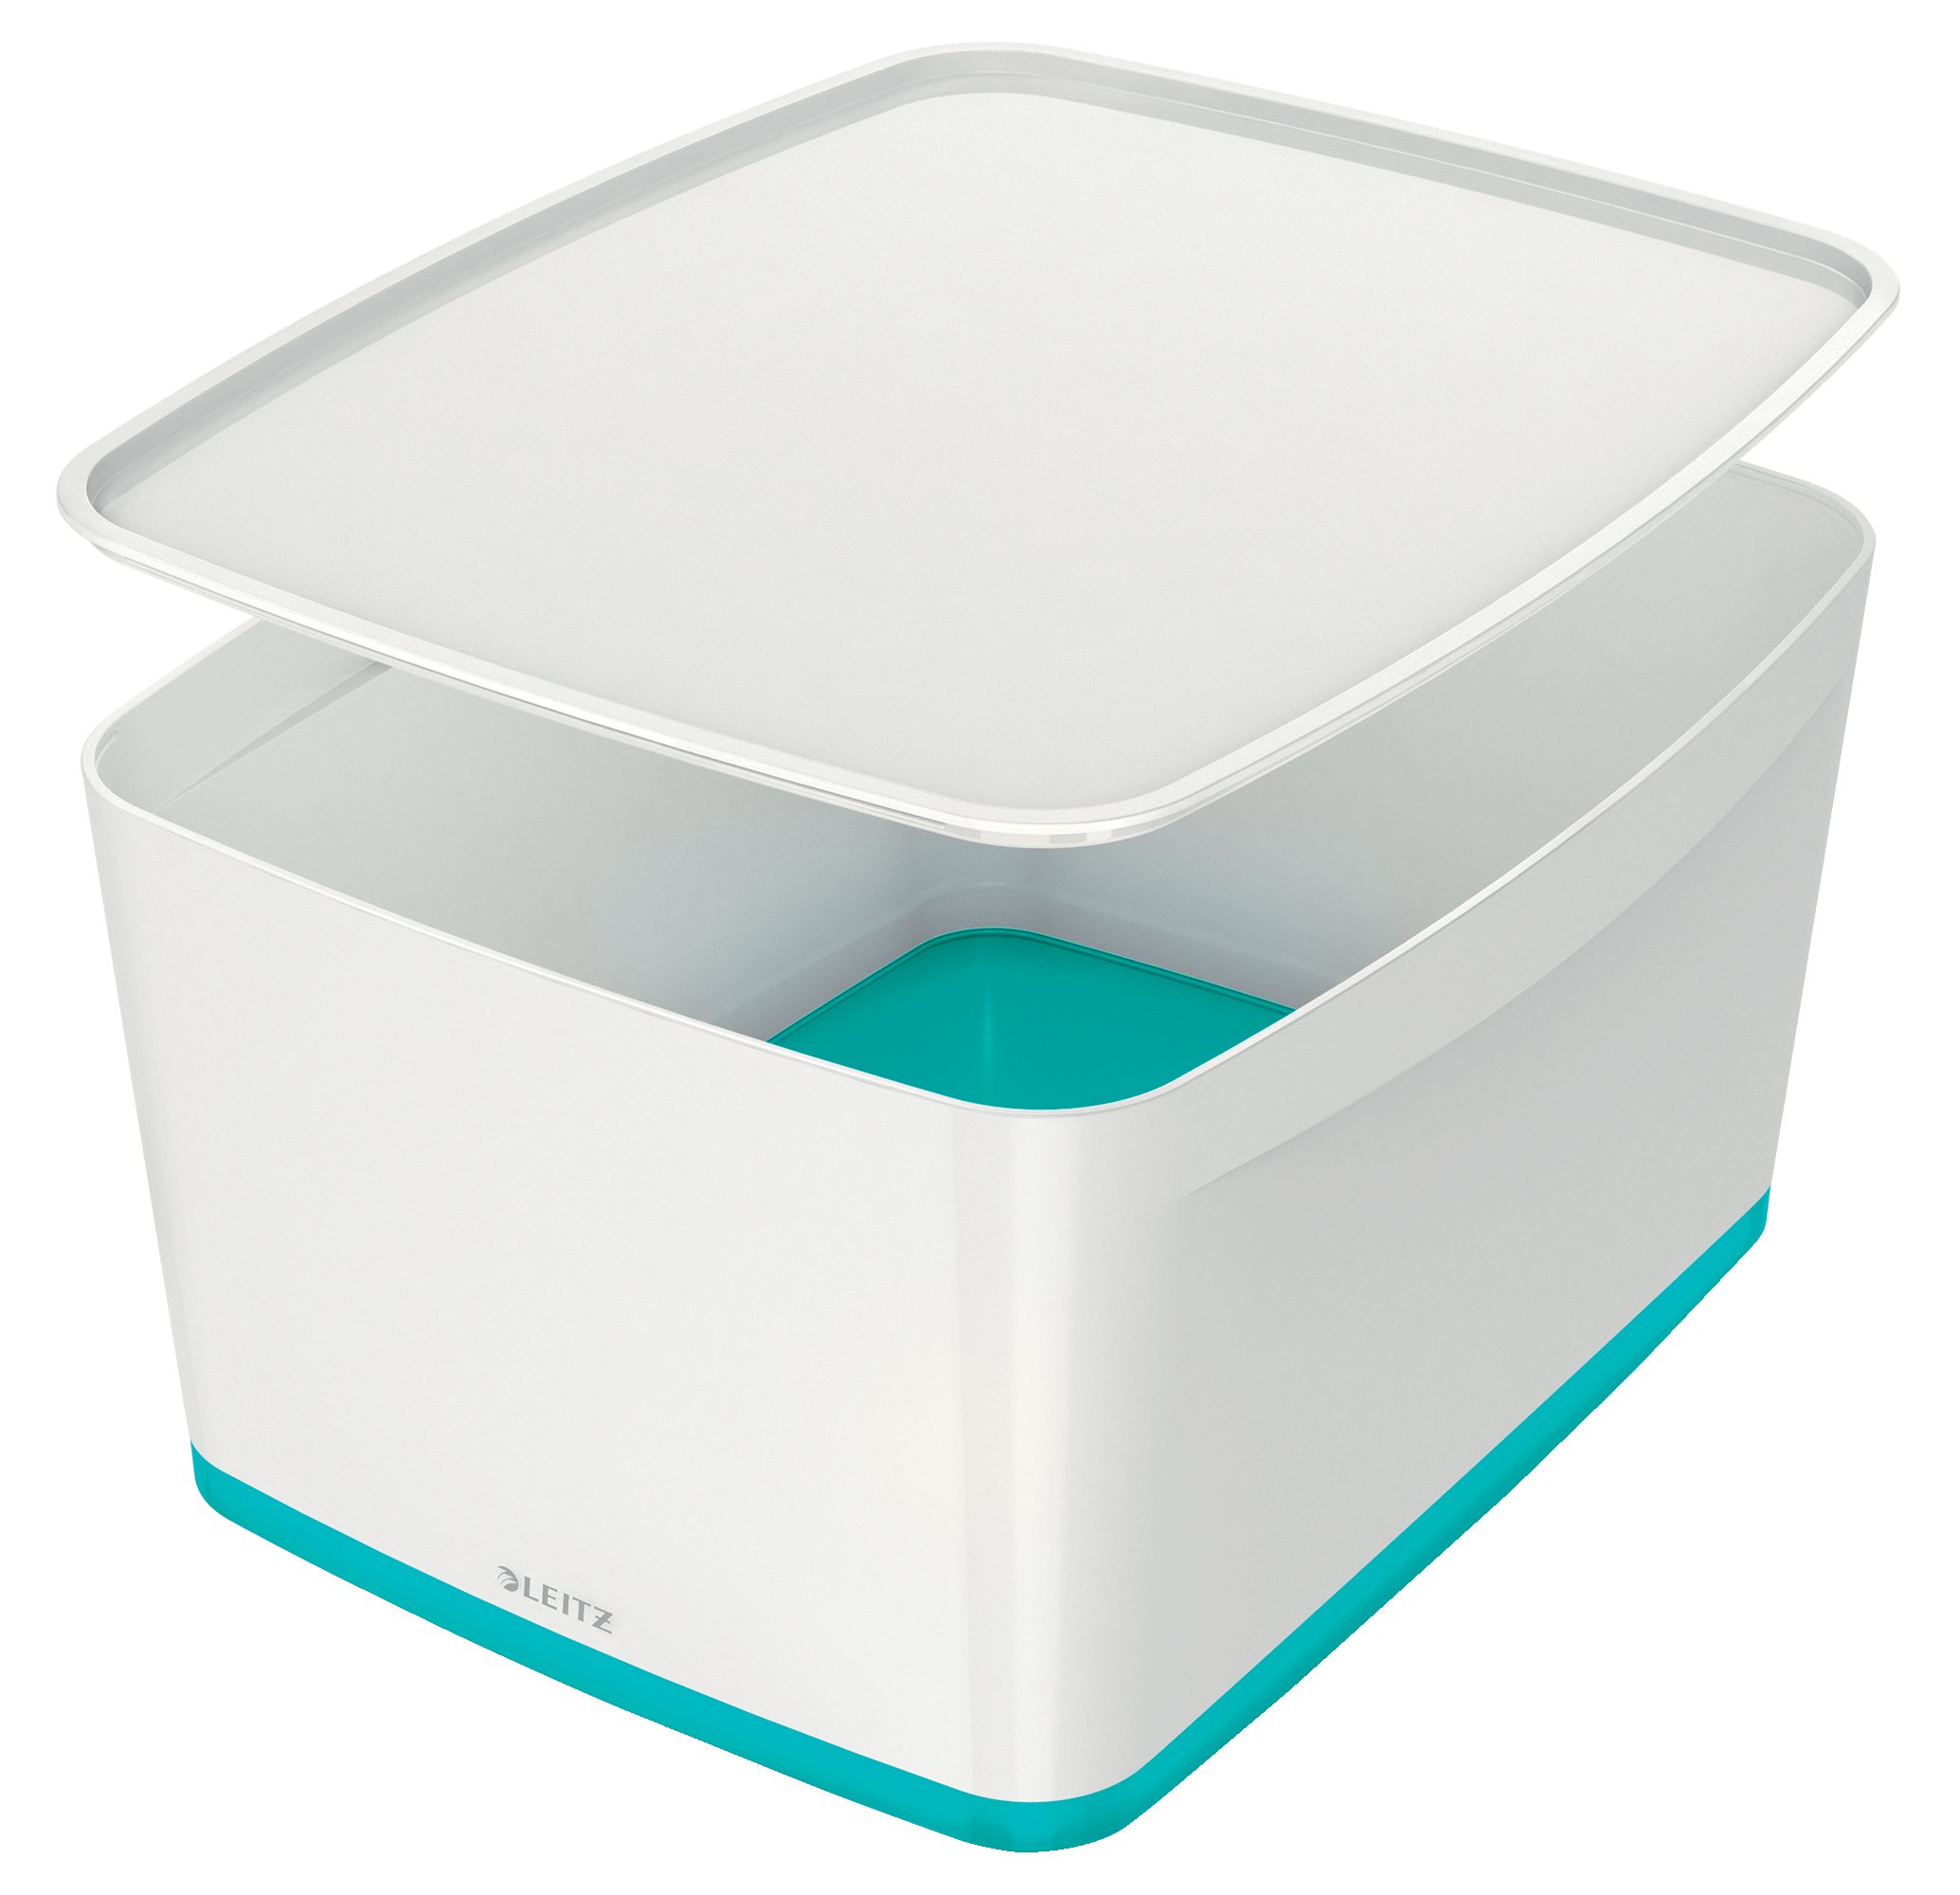 Leitz MyBox Large with Lid WOW White Ice Blue